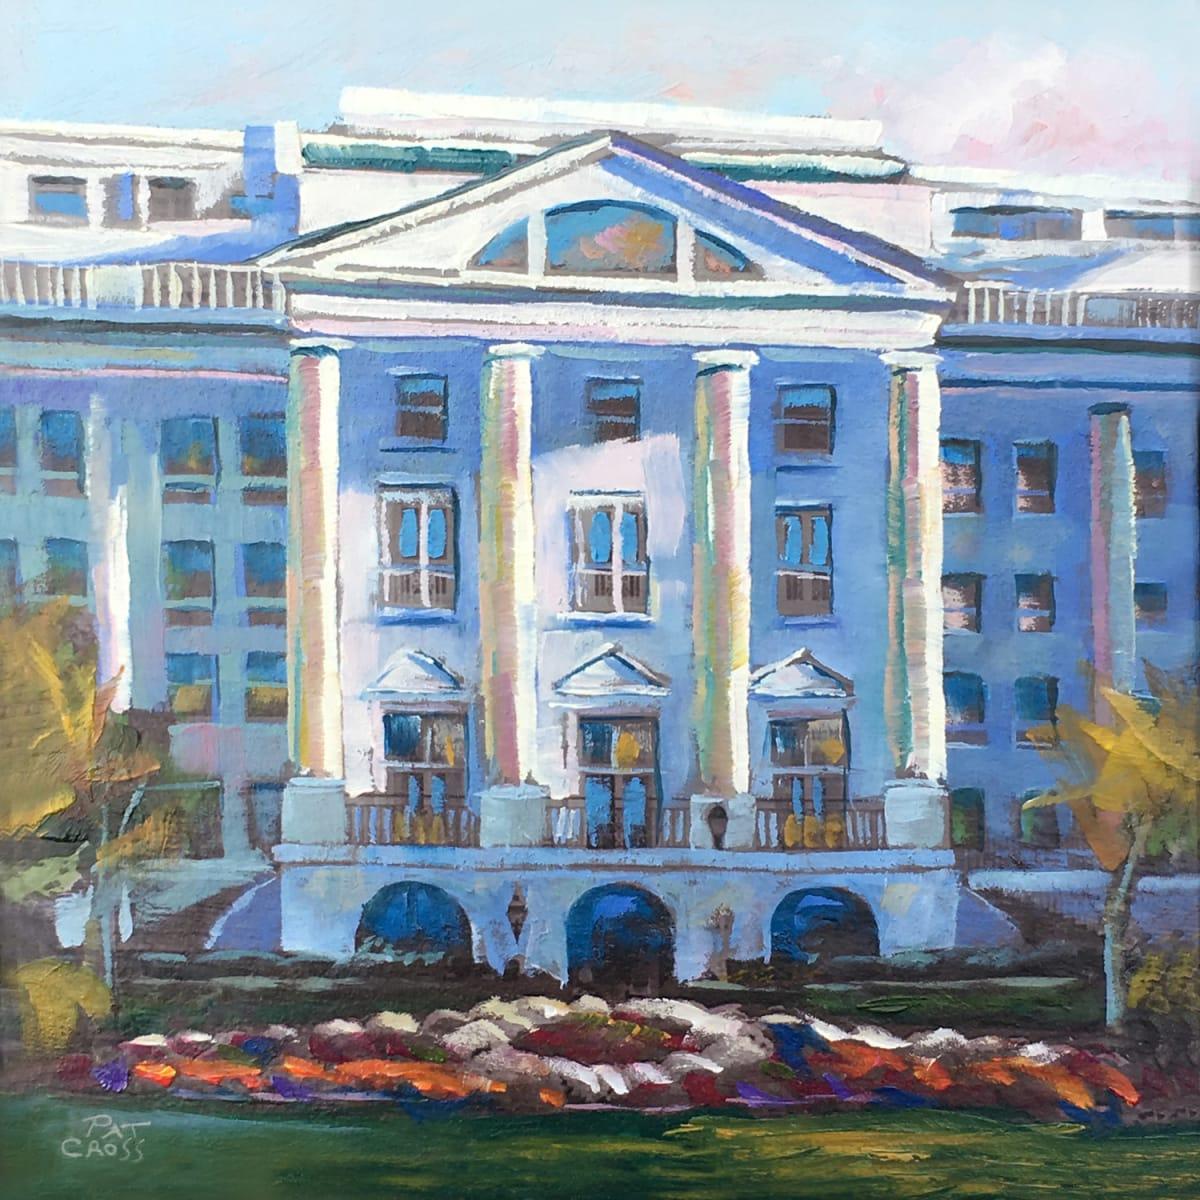 Greenbrier Resort Hotel by Pat Cross